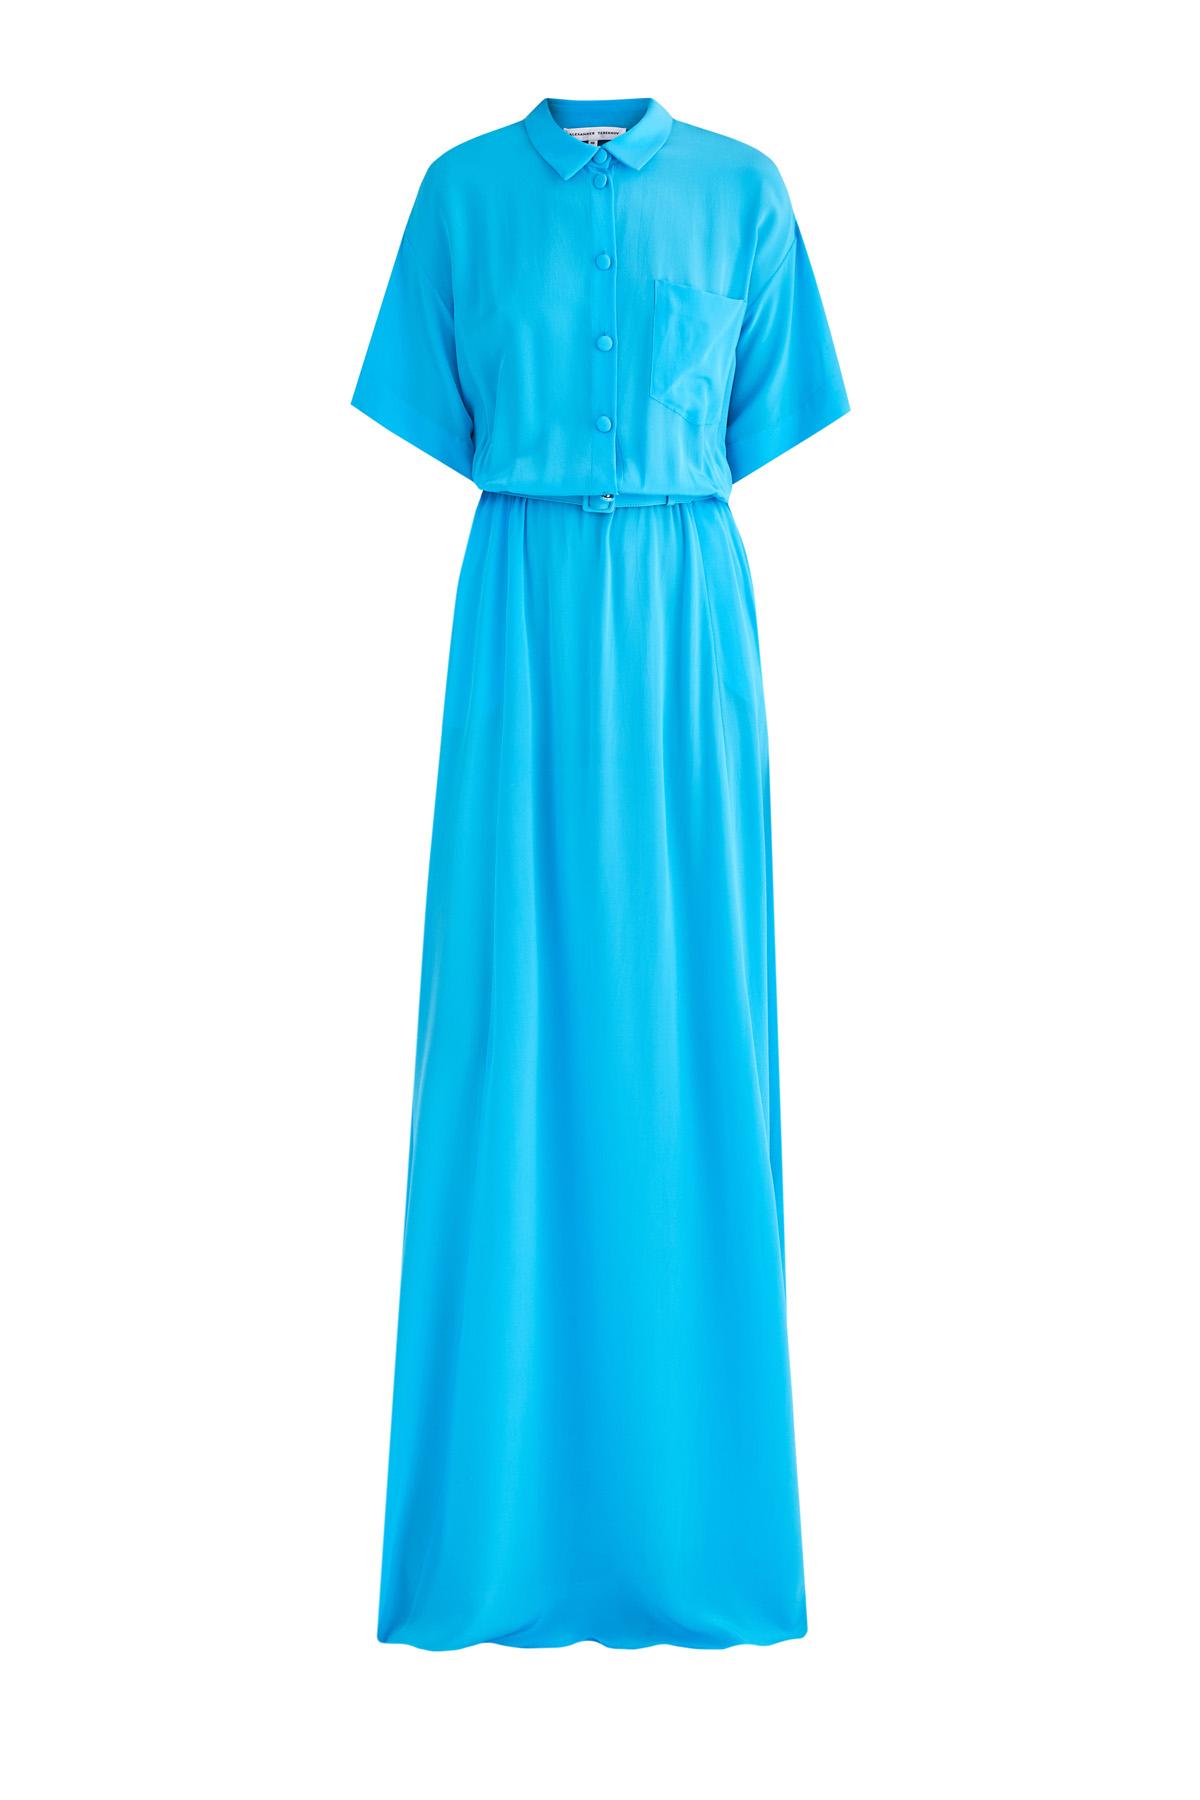 Купить Шелковое платье-рубашка с лифом-oversize и расклешенным подолом, ALEXANDER TEREKHOV, Россия, шелк 100%